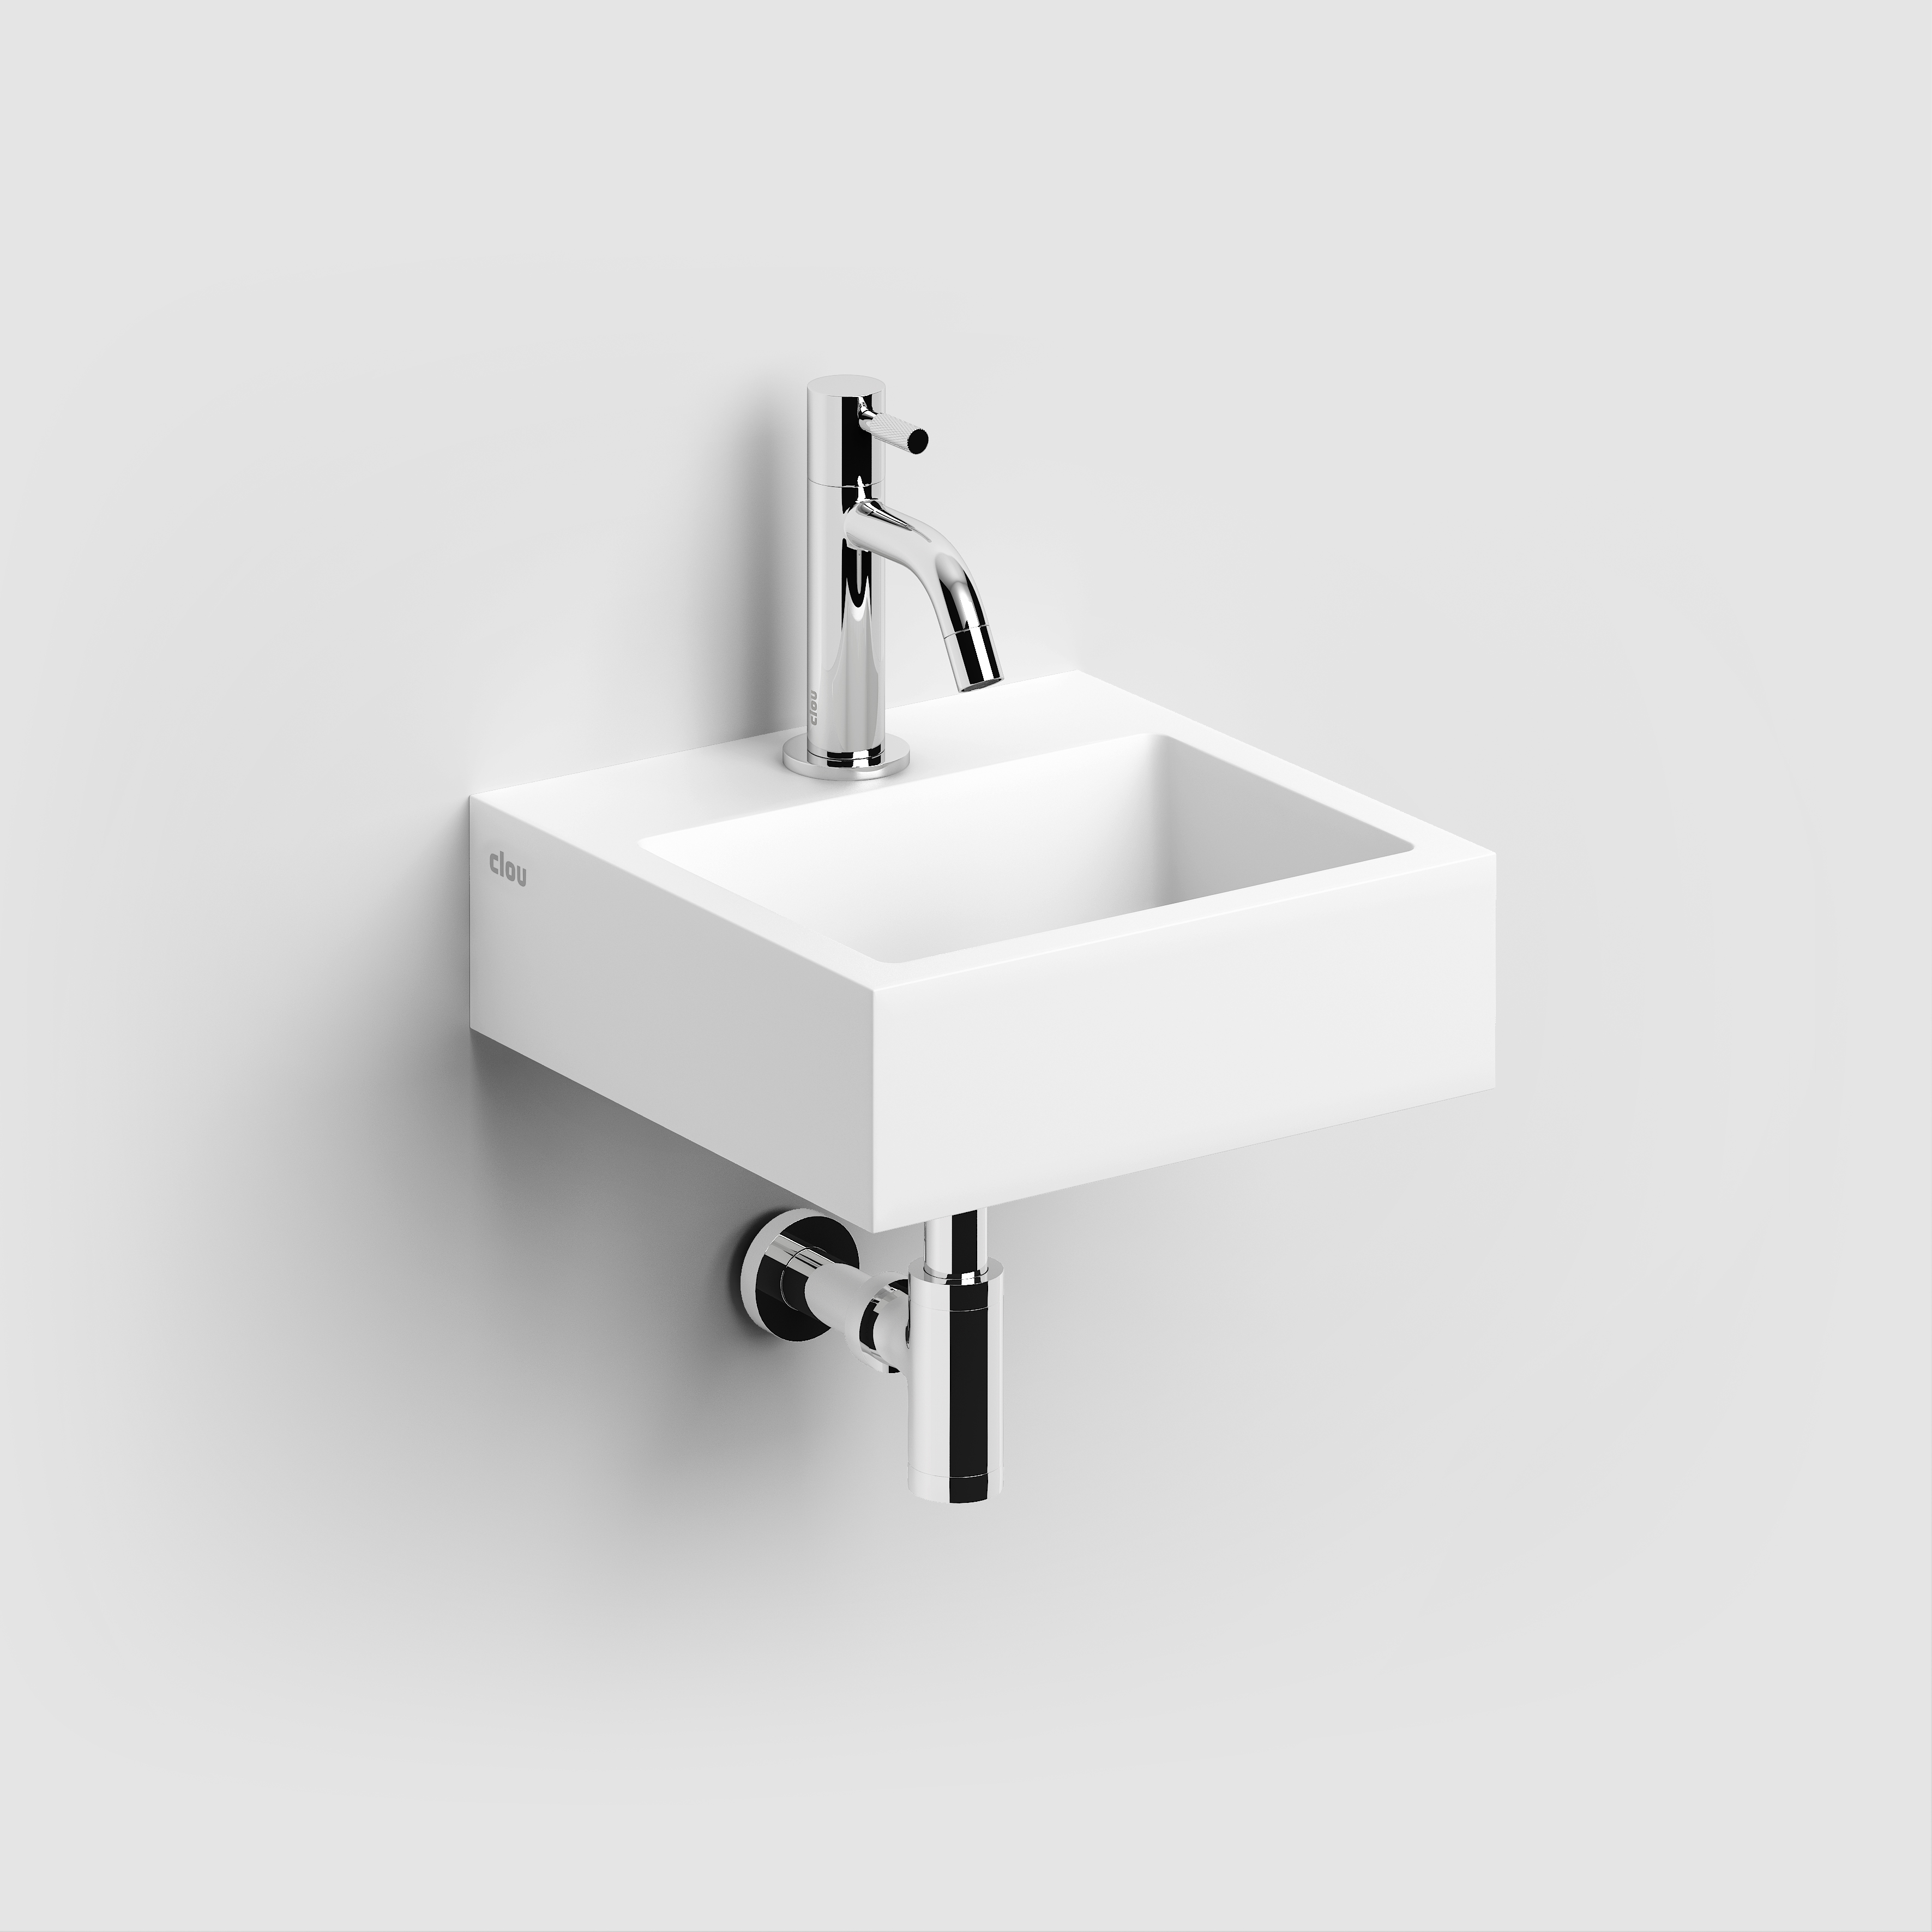 Goedkope Fontein Toilet.Fontein Voor Het Toilet Ruim 230 Fonteinen Op Voorraad